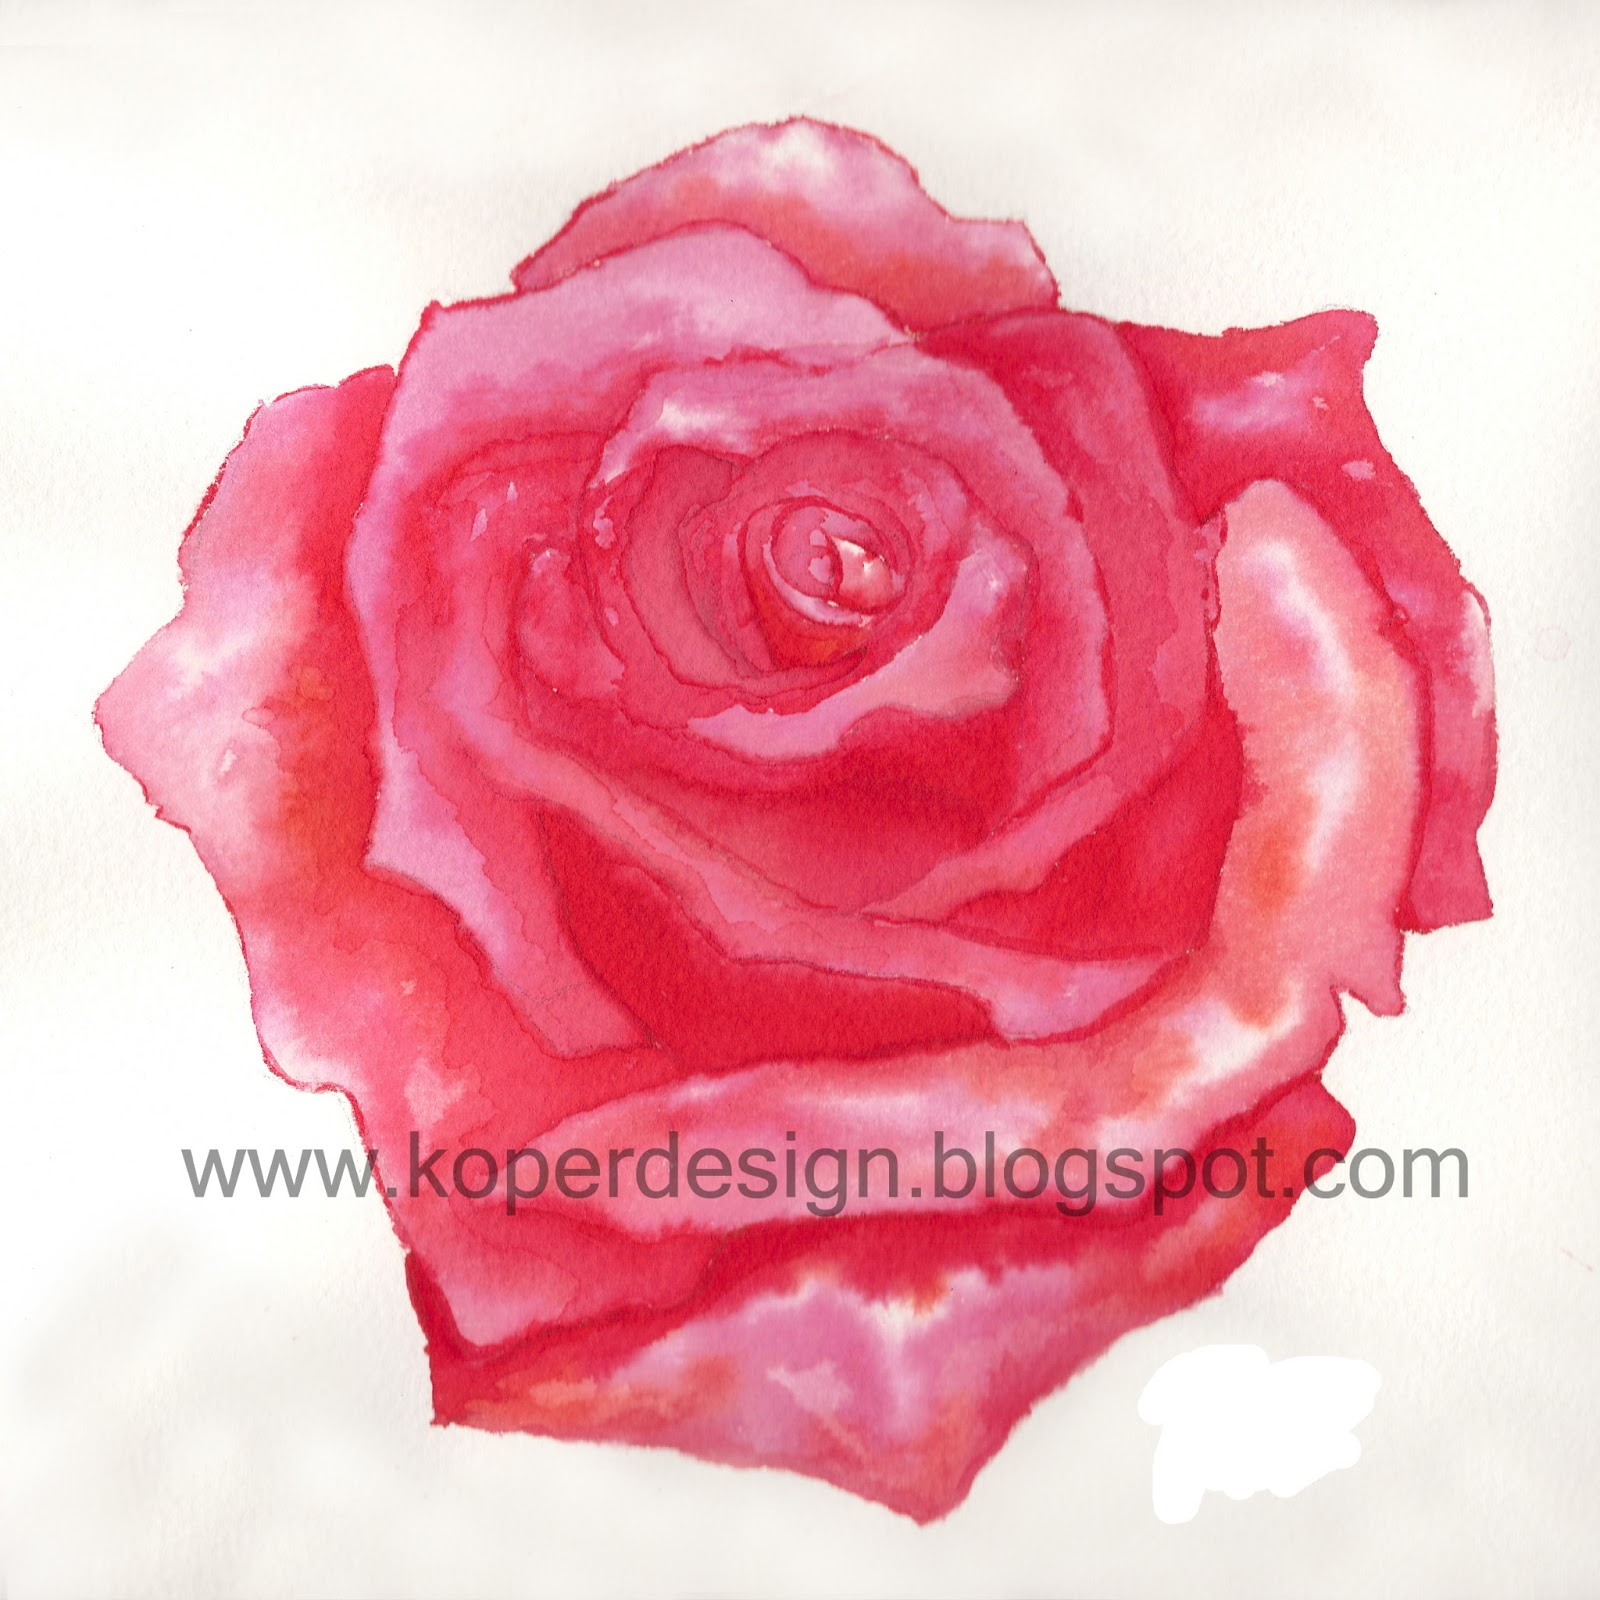 Koper design dise o ilustraci n rosa for Koper design